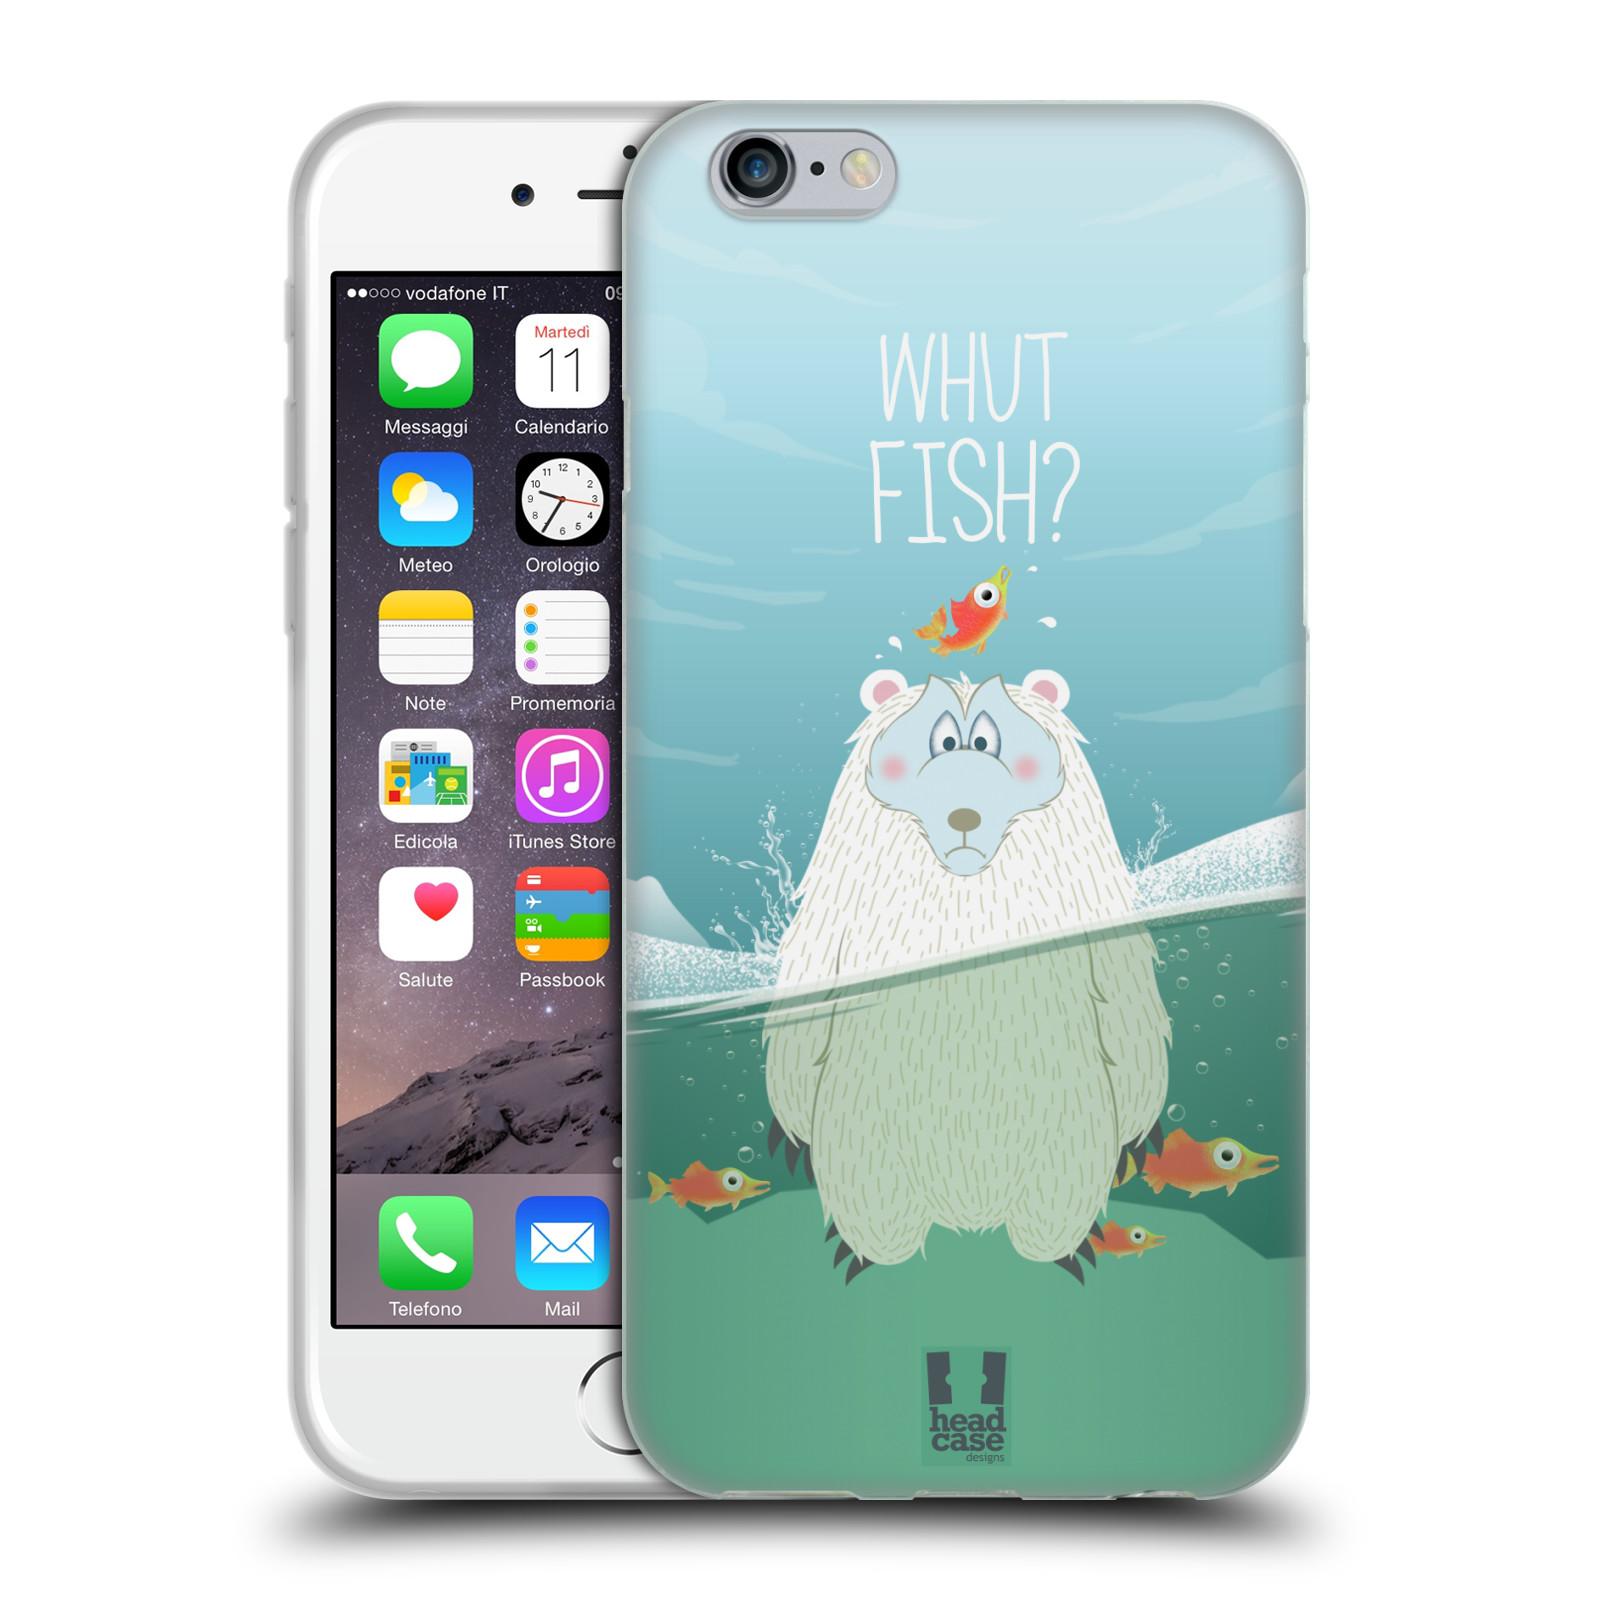 Silikonové pouzdro na mobil Apple iPhone 6 HEAD CASE Medvěd Whut Fish?